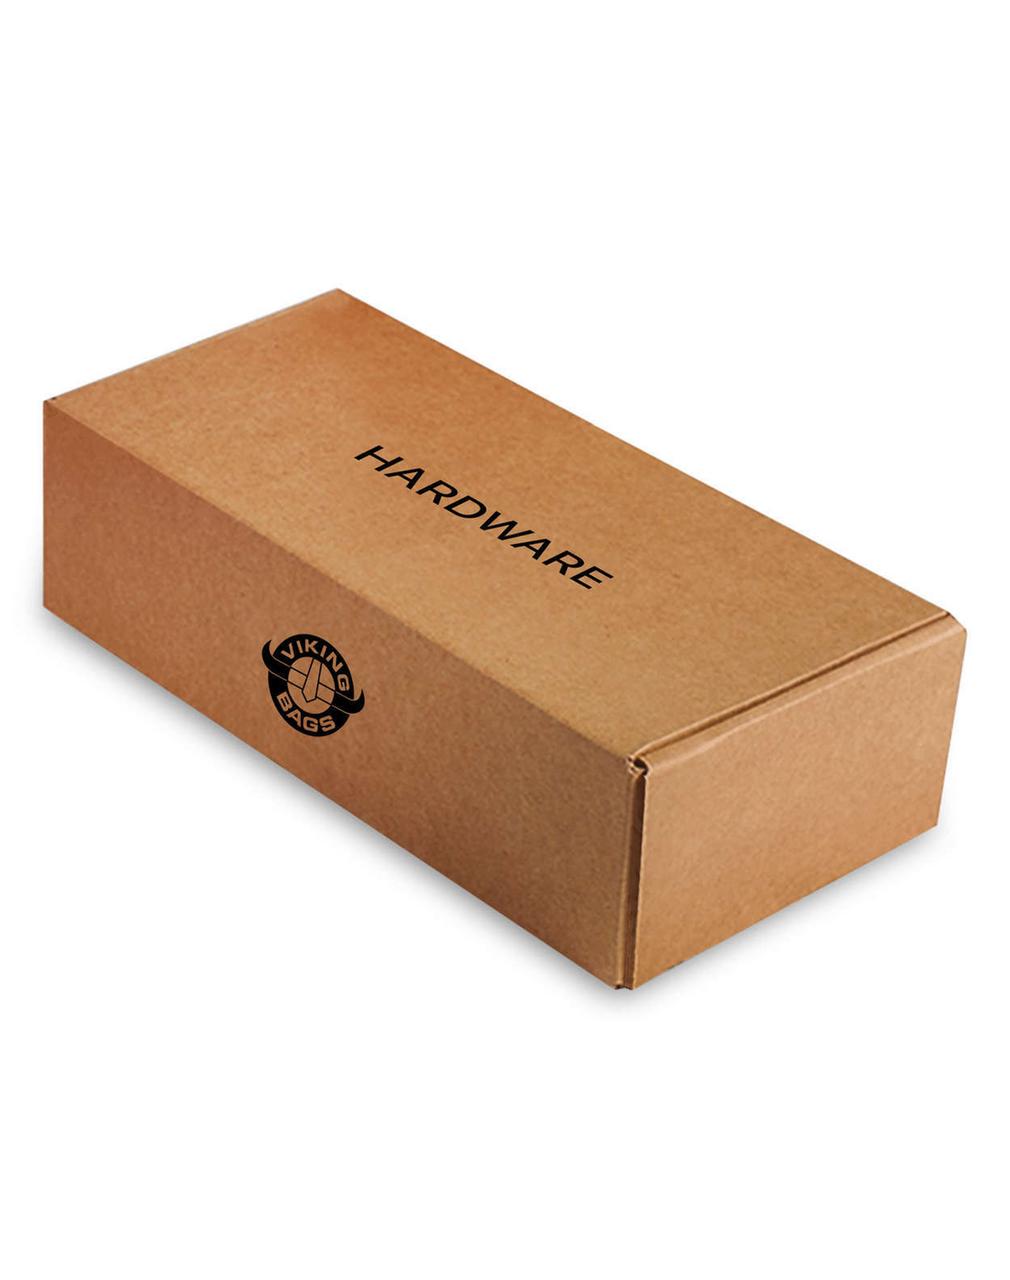 Honda 750 Shadow Aero CHAR Shock Cutout Large Leather Motorcycle Saddlebags Hardware Box